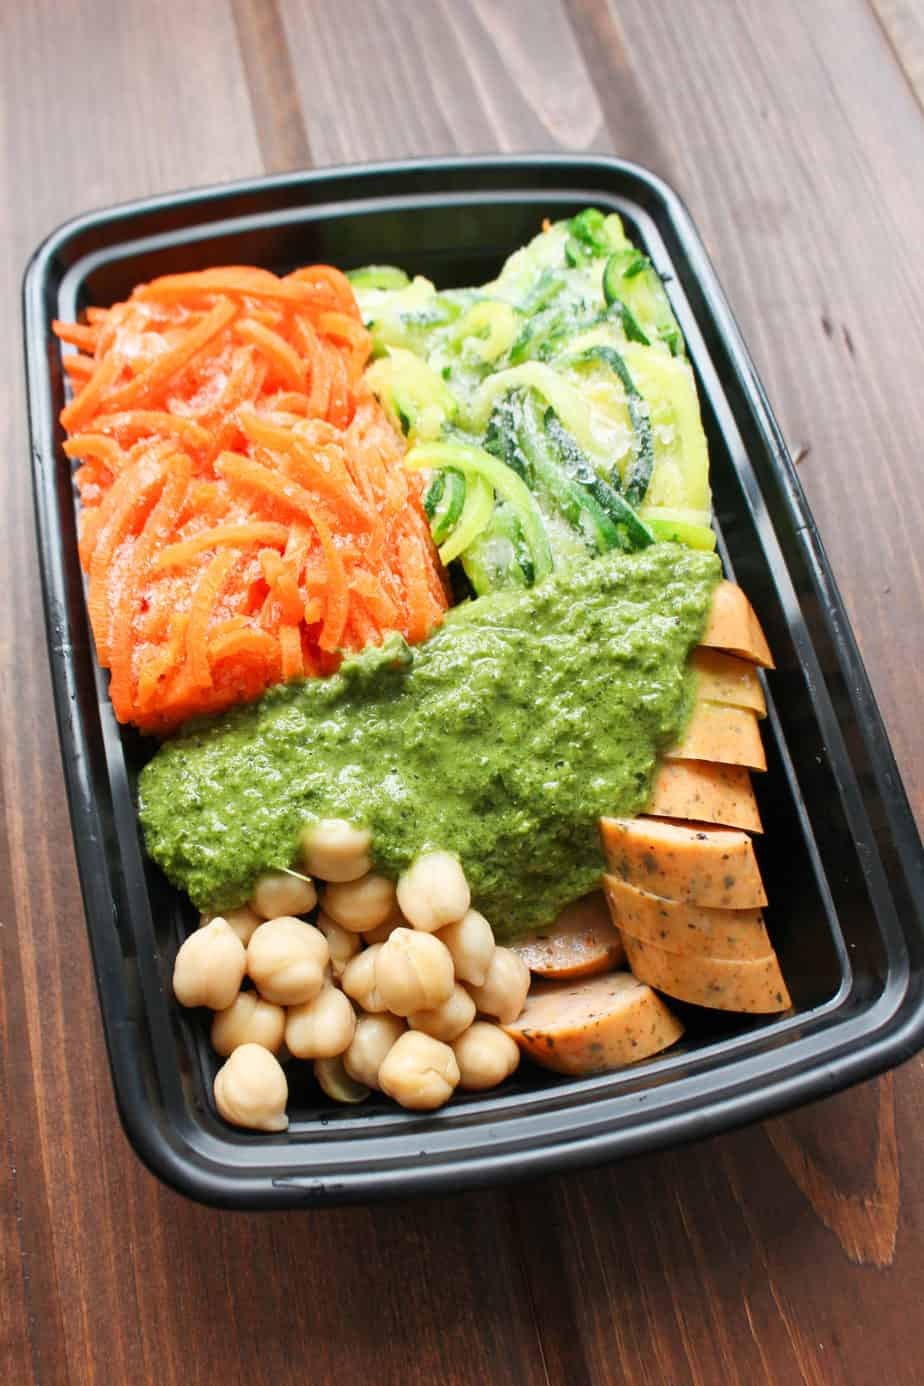 Pesto Veggie Noodles Frozen Meal Prep | Frugal Nutrition